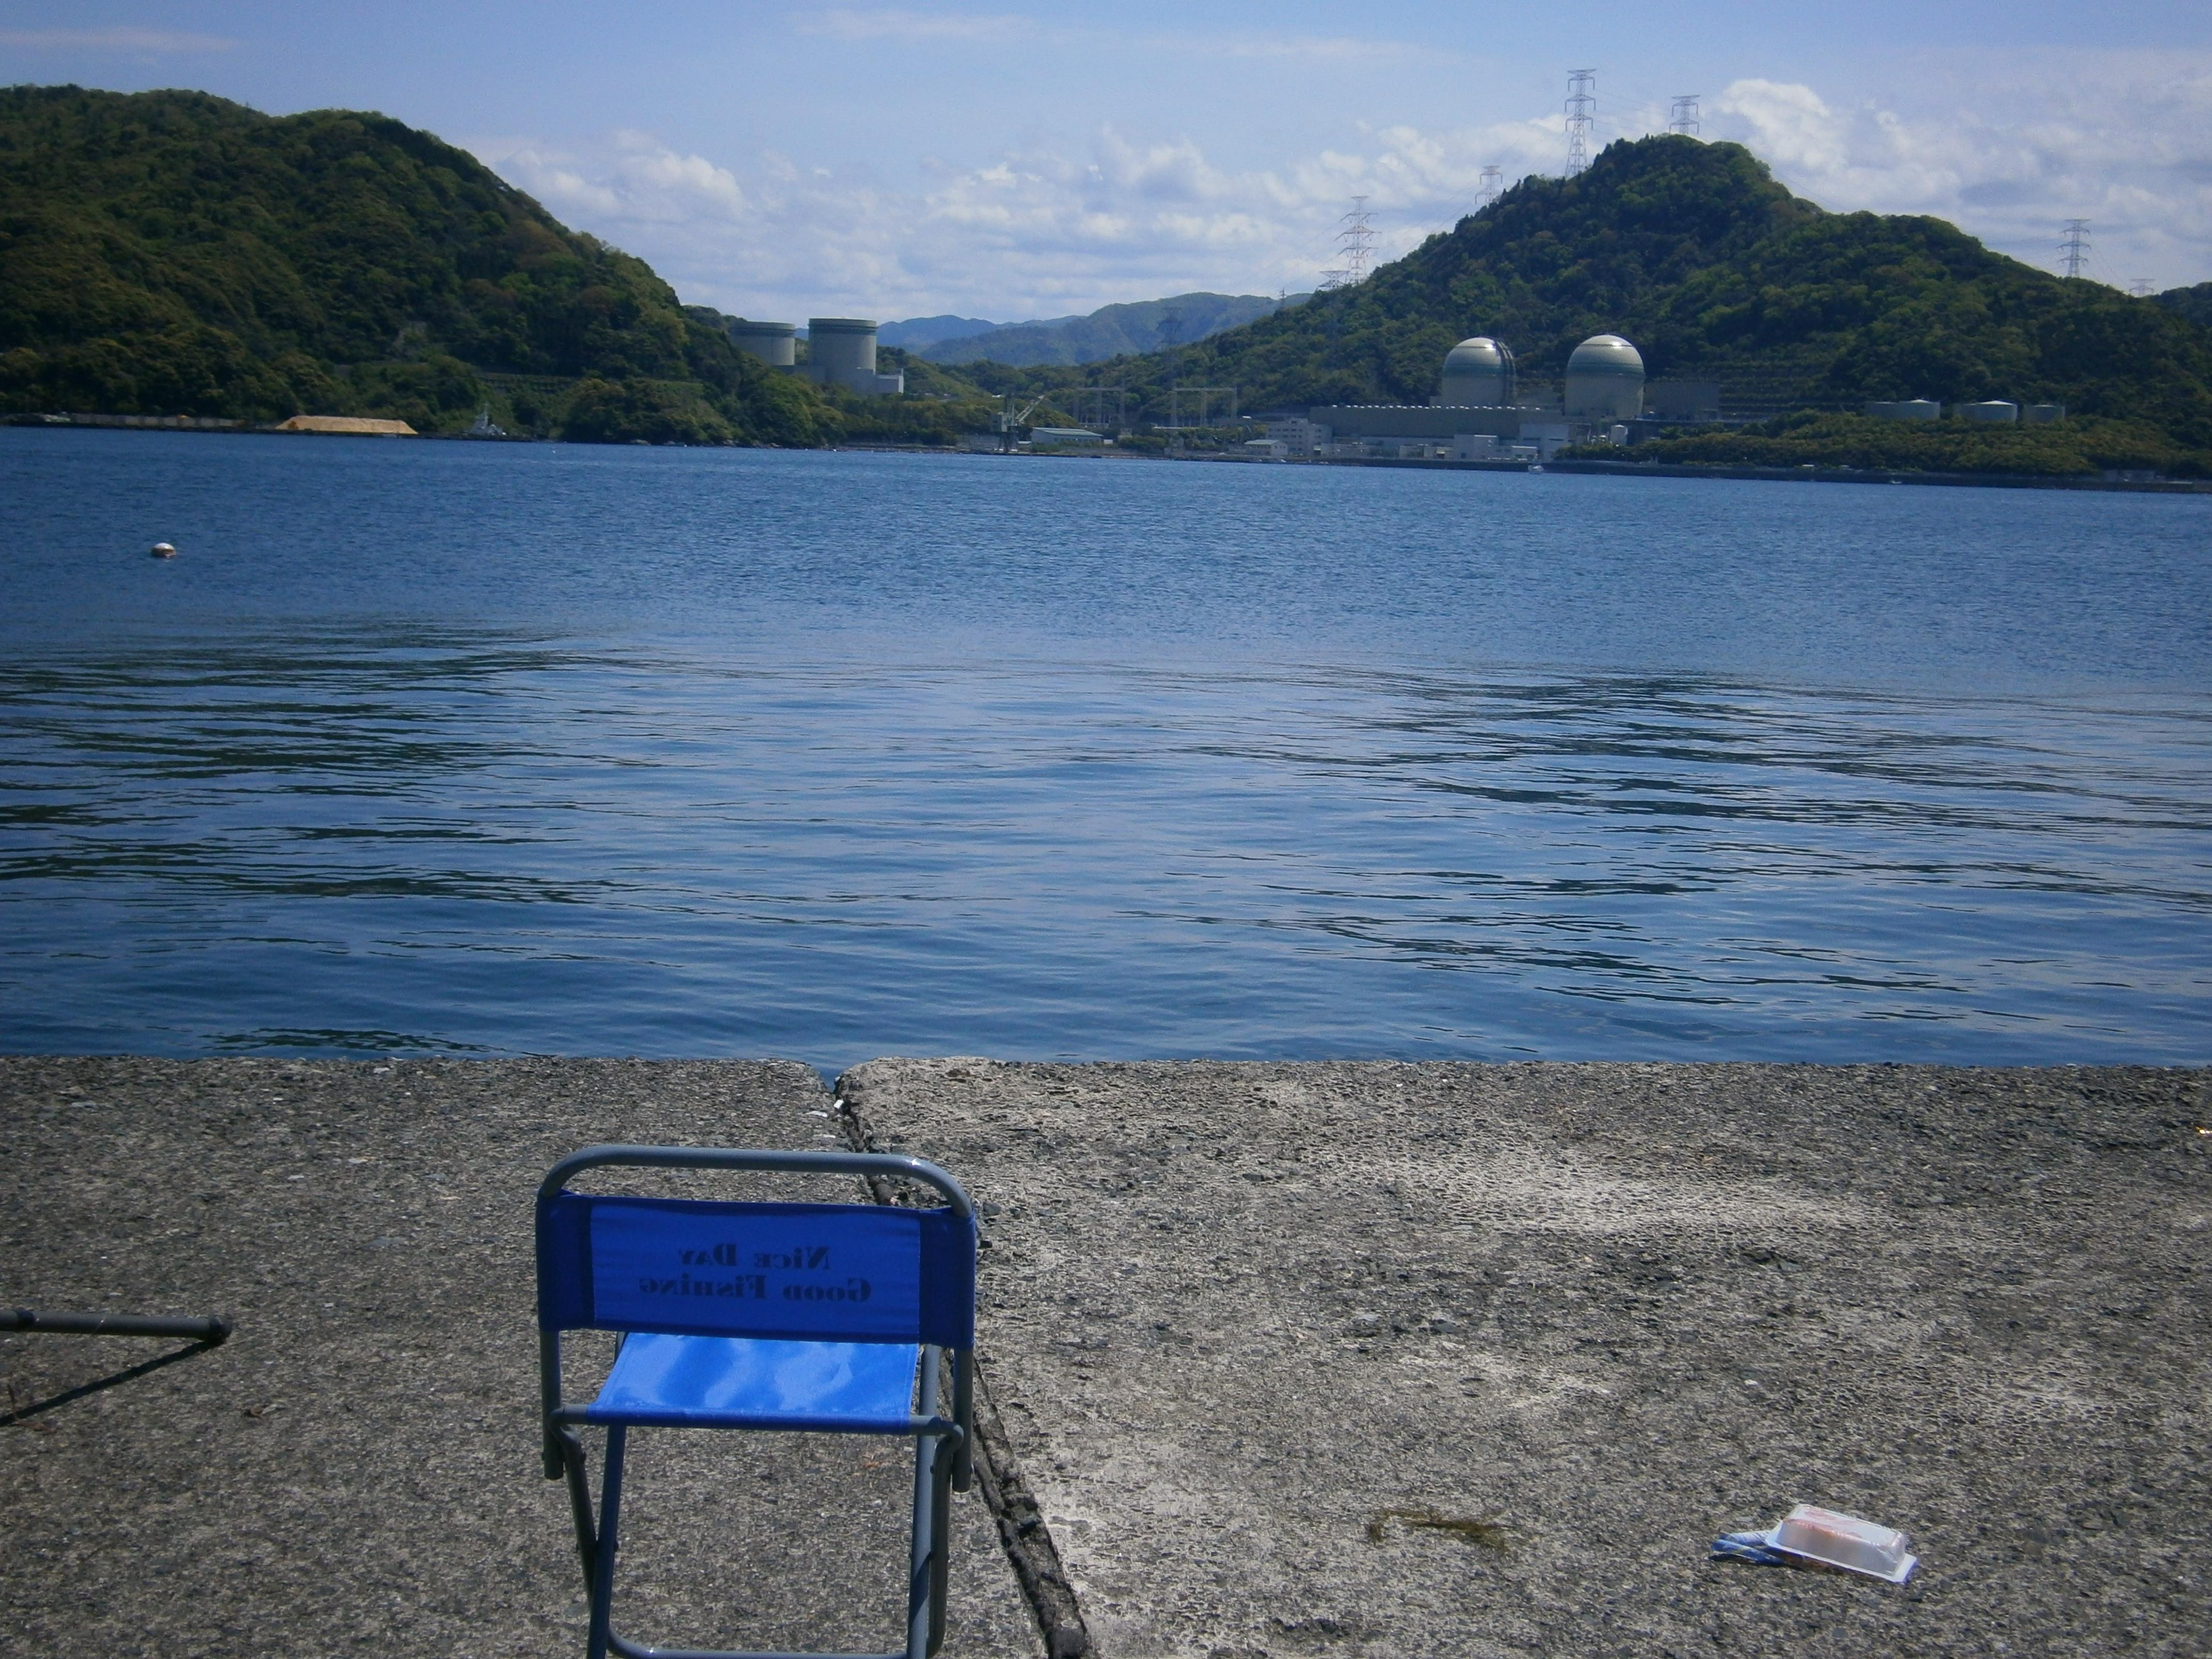 熊本地震が起きて阪神大震災を体験した地鳴りや初期微動の前兆現象を語る